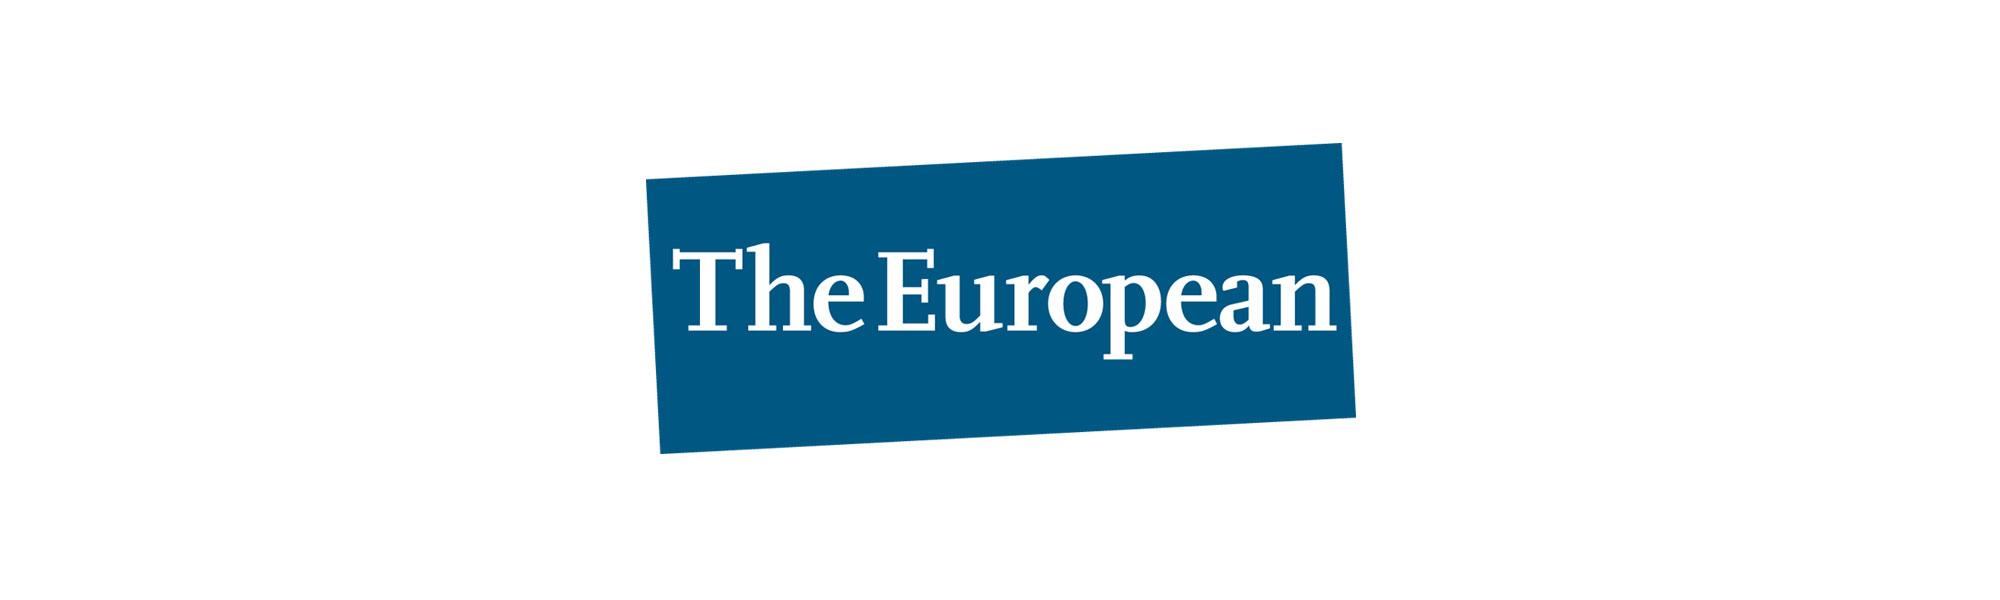 The European – Das Debatten-Magazin: Mit 100 hat man noch Träume …mehr